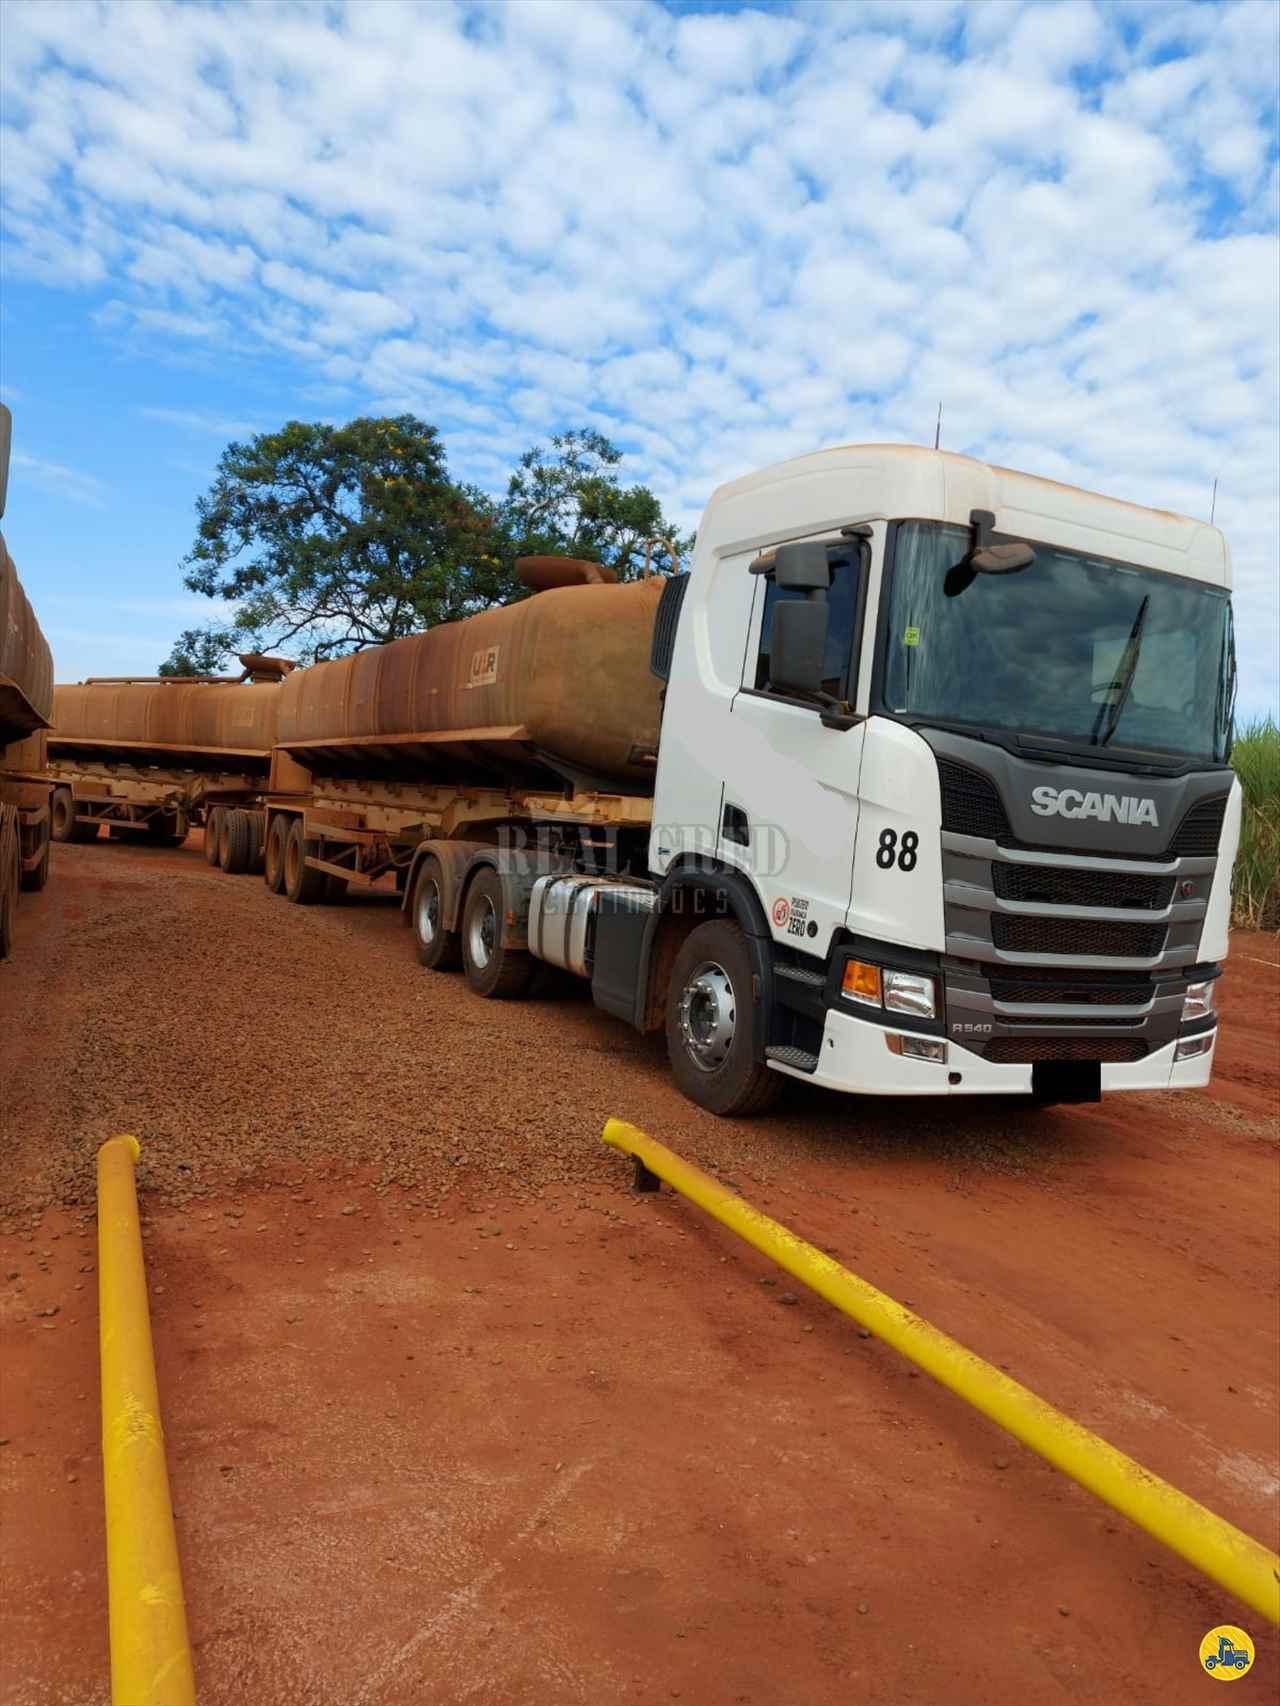 CAMINHAO SCANIA SCANIA 540 Cavalo Mecânico Traçado 6x4 Real Cred Caminhões PIEDADE SÃO PAULO SP